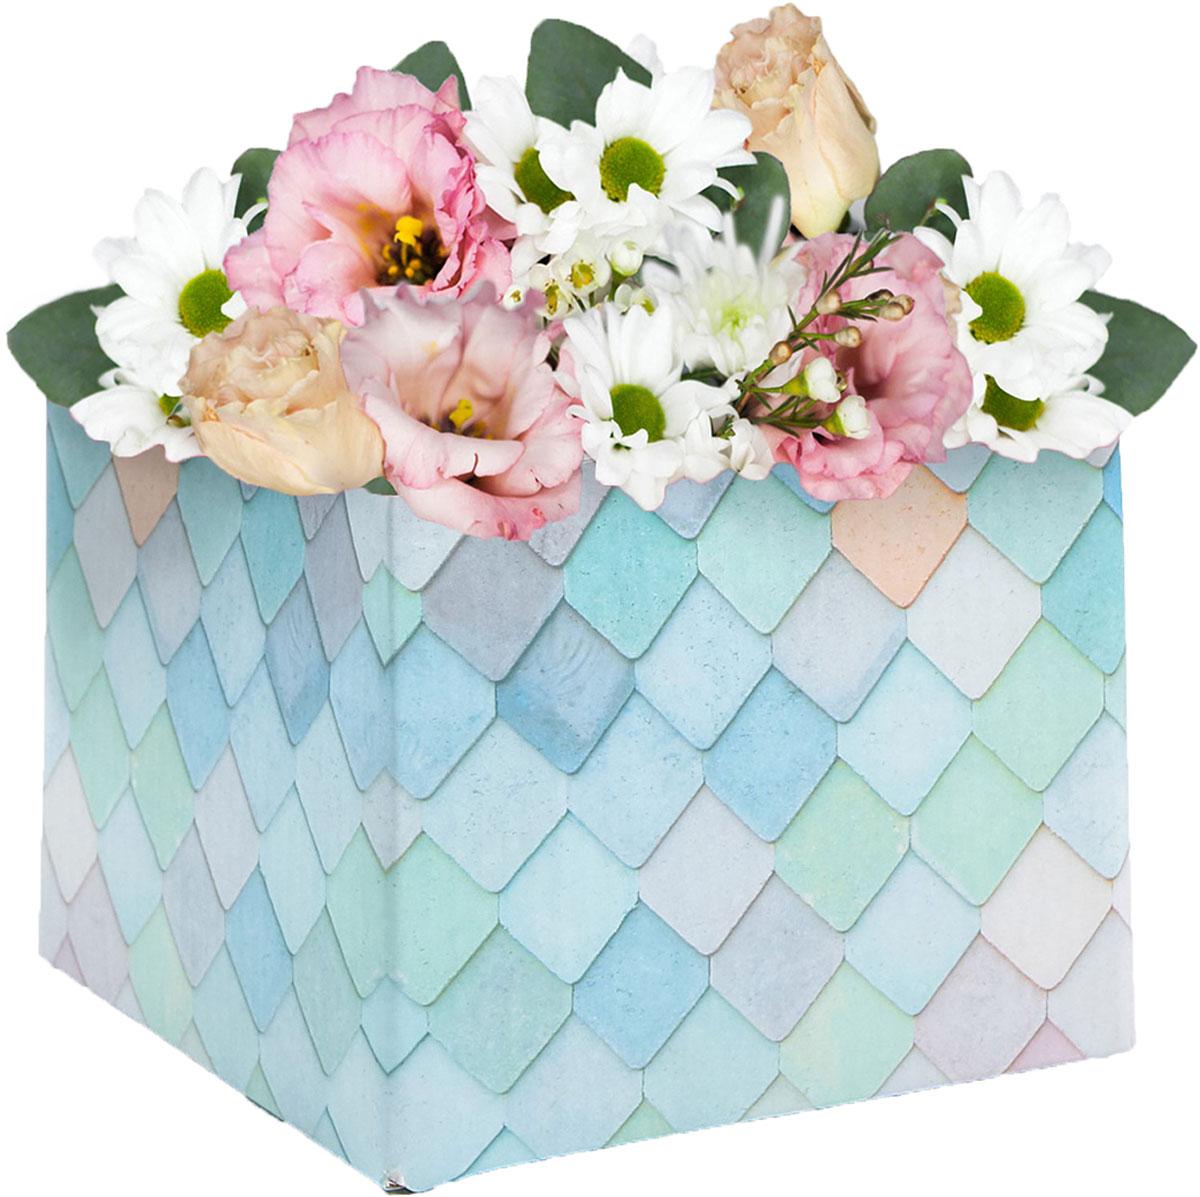 Коробка подарочная Дарите Счастье Мой сад, складная, 10 х 10 х 12 см коробка складная дарите счастье снегири на санях цвет синий красный 23 5 х 14 5 х 18 см